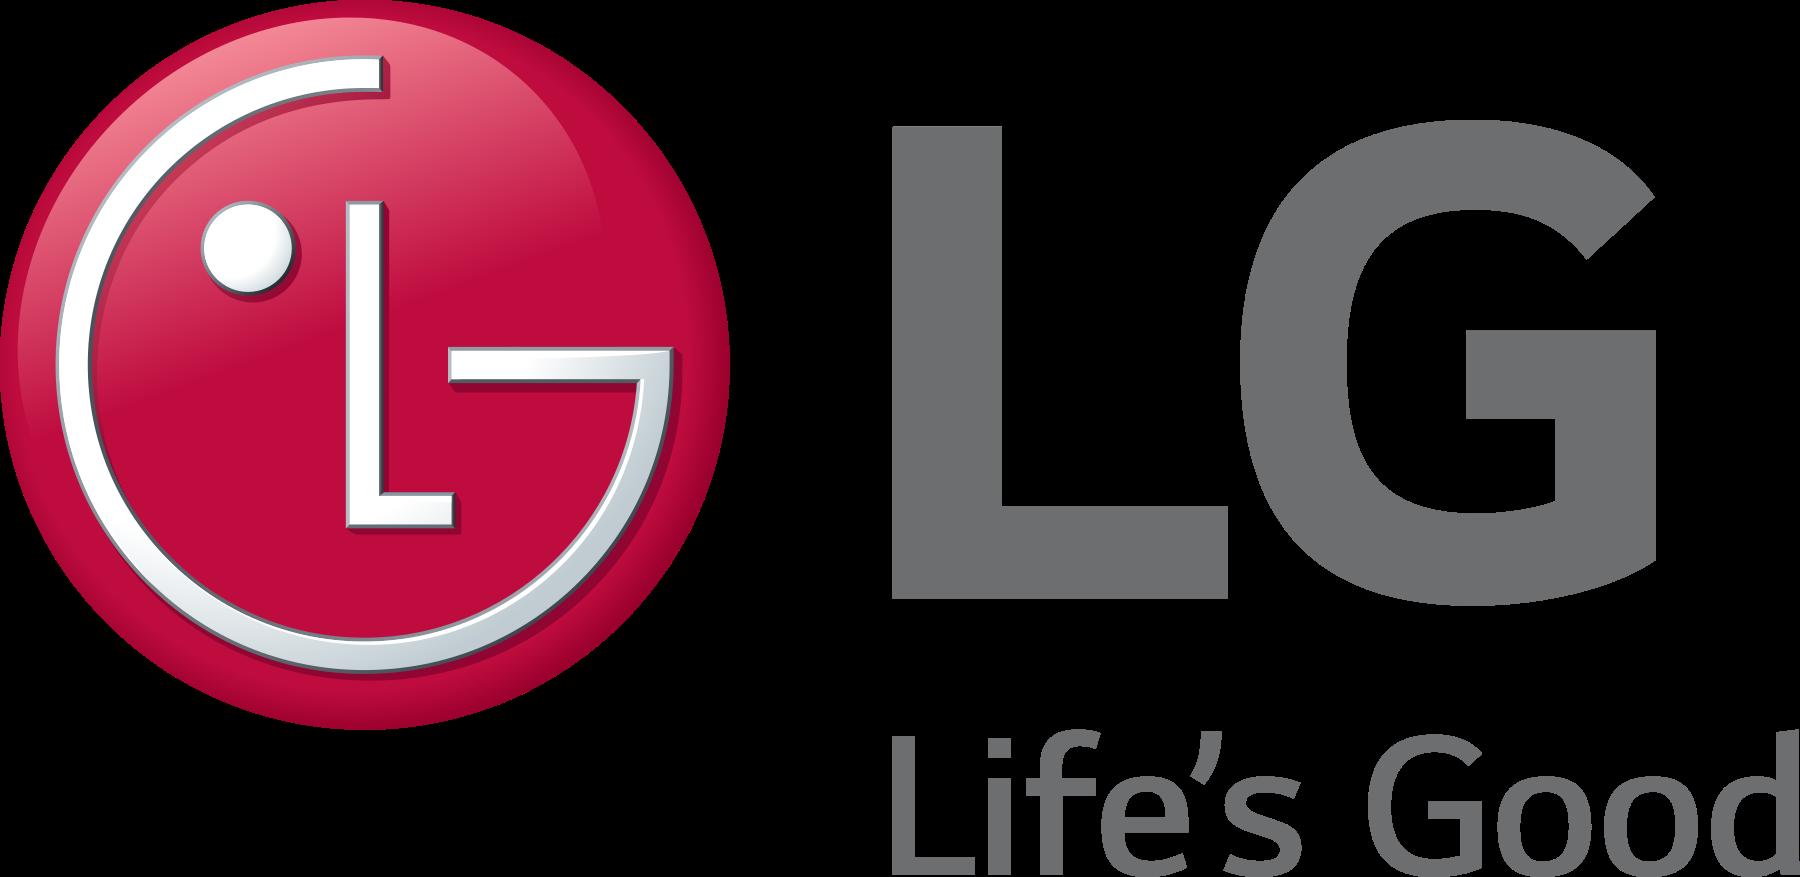 lg logo 4 - LG Logo